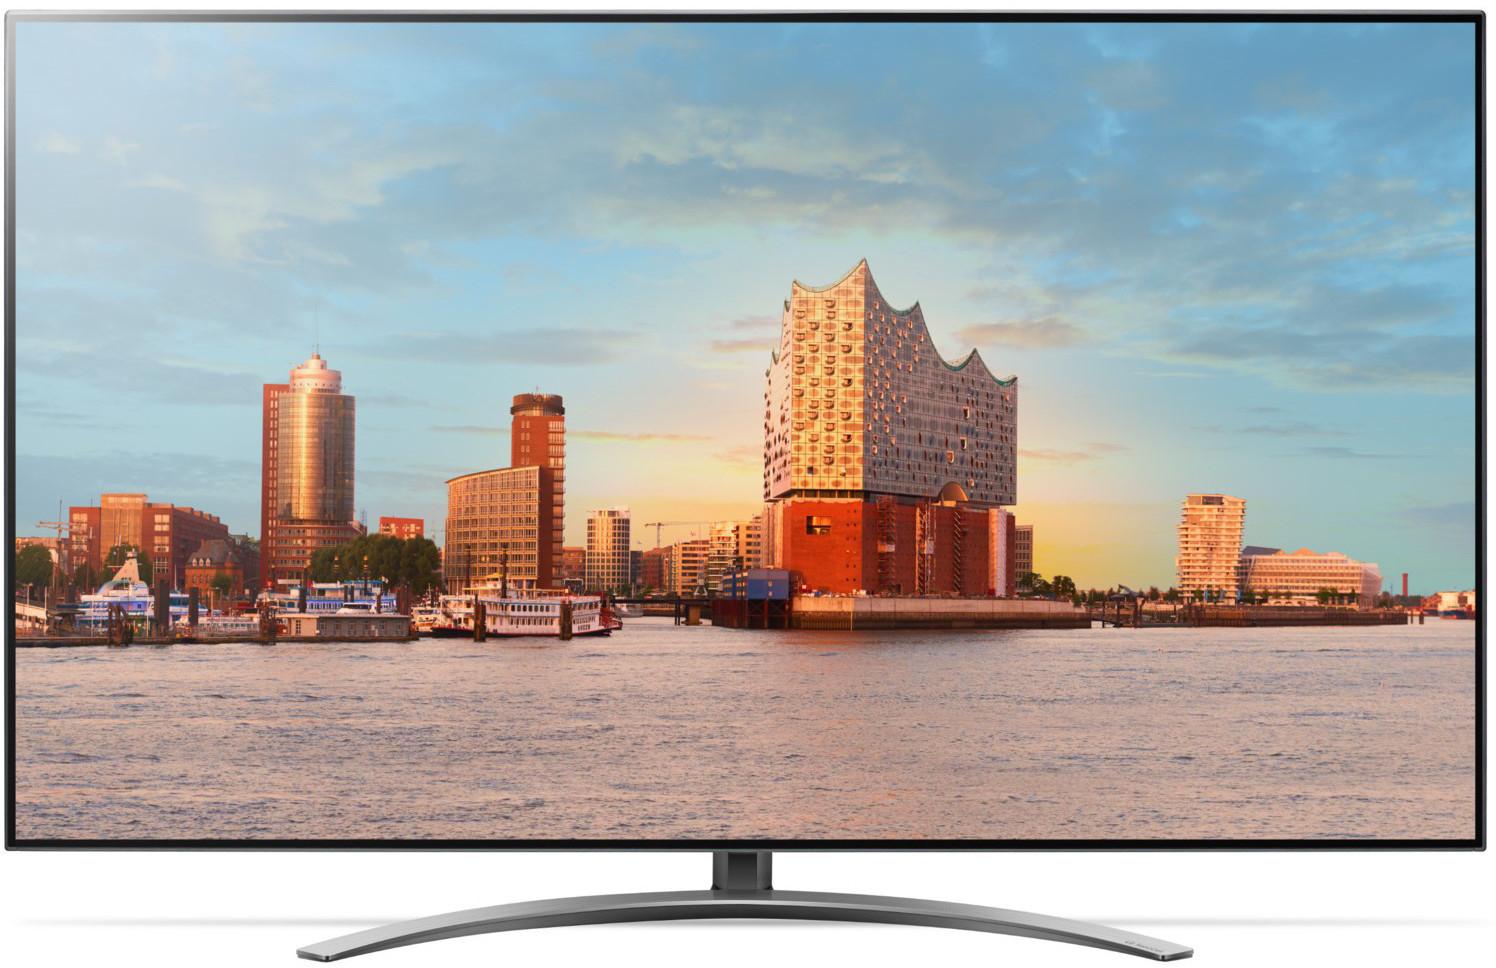 TV- & Audio-Angebote mit MM Club-Rabatt: z.B. LG 55SM90107LA + 100€ Geschenk-Coupon - 899,10€ | JBL Link 300 schwarz - 134,10€